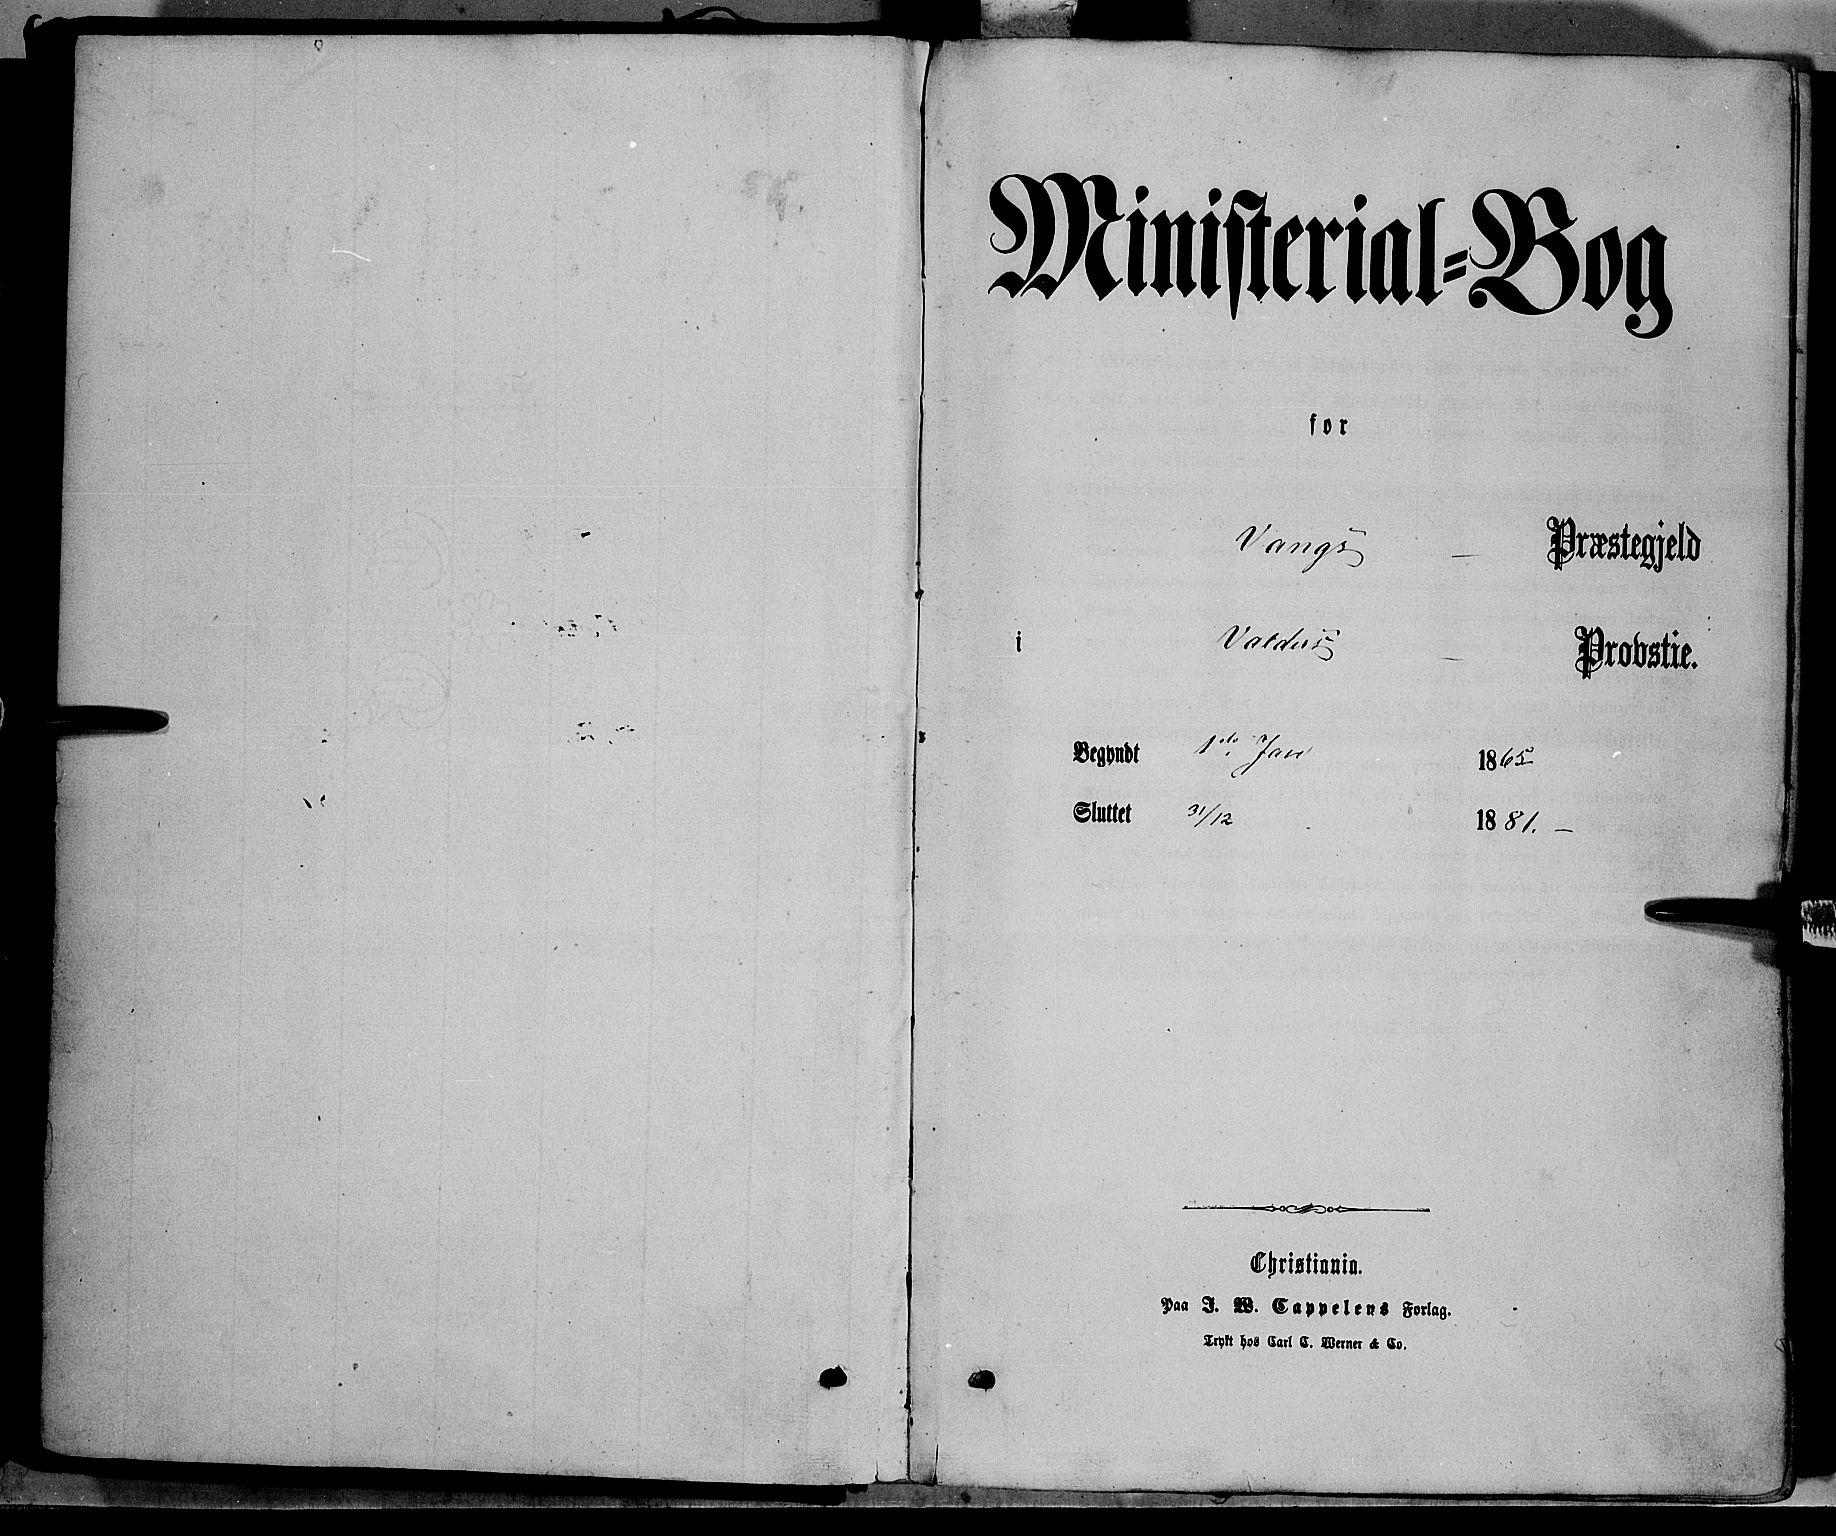 SAH, Vang prestekontor, Valdres, Ministerialbok nr. 7, 1865-1881